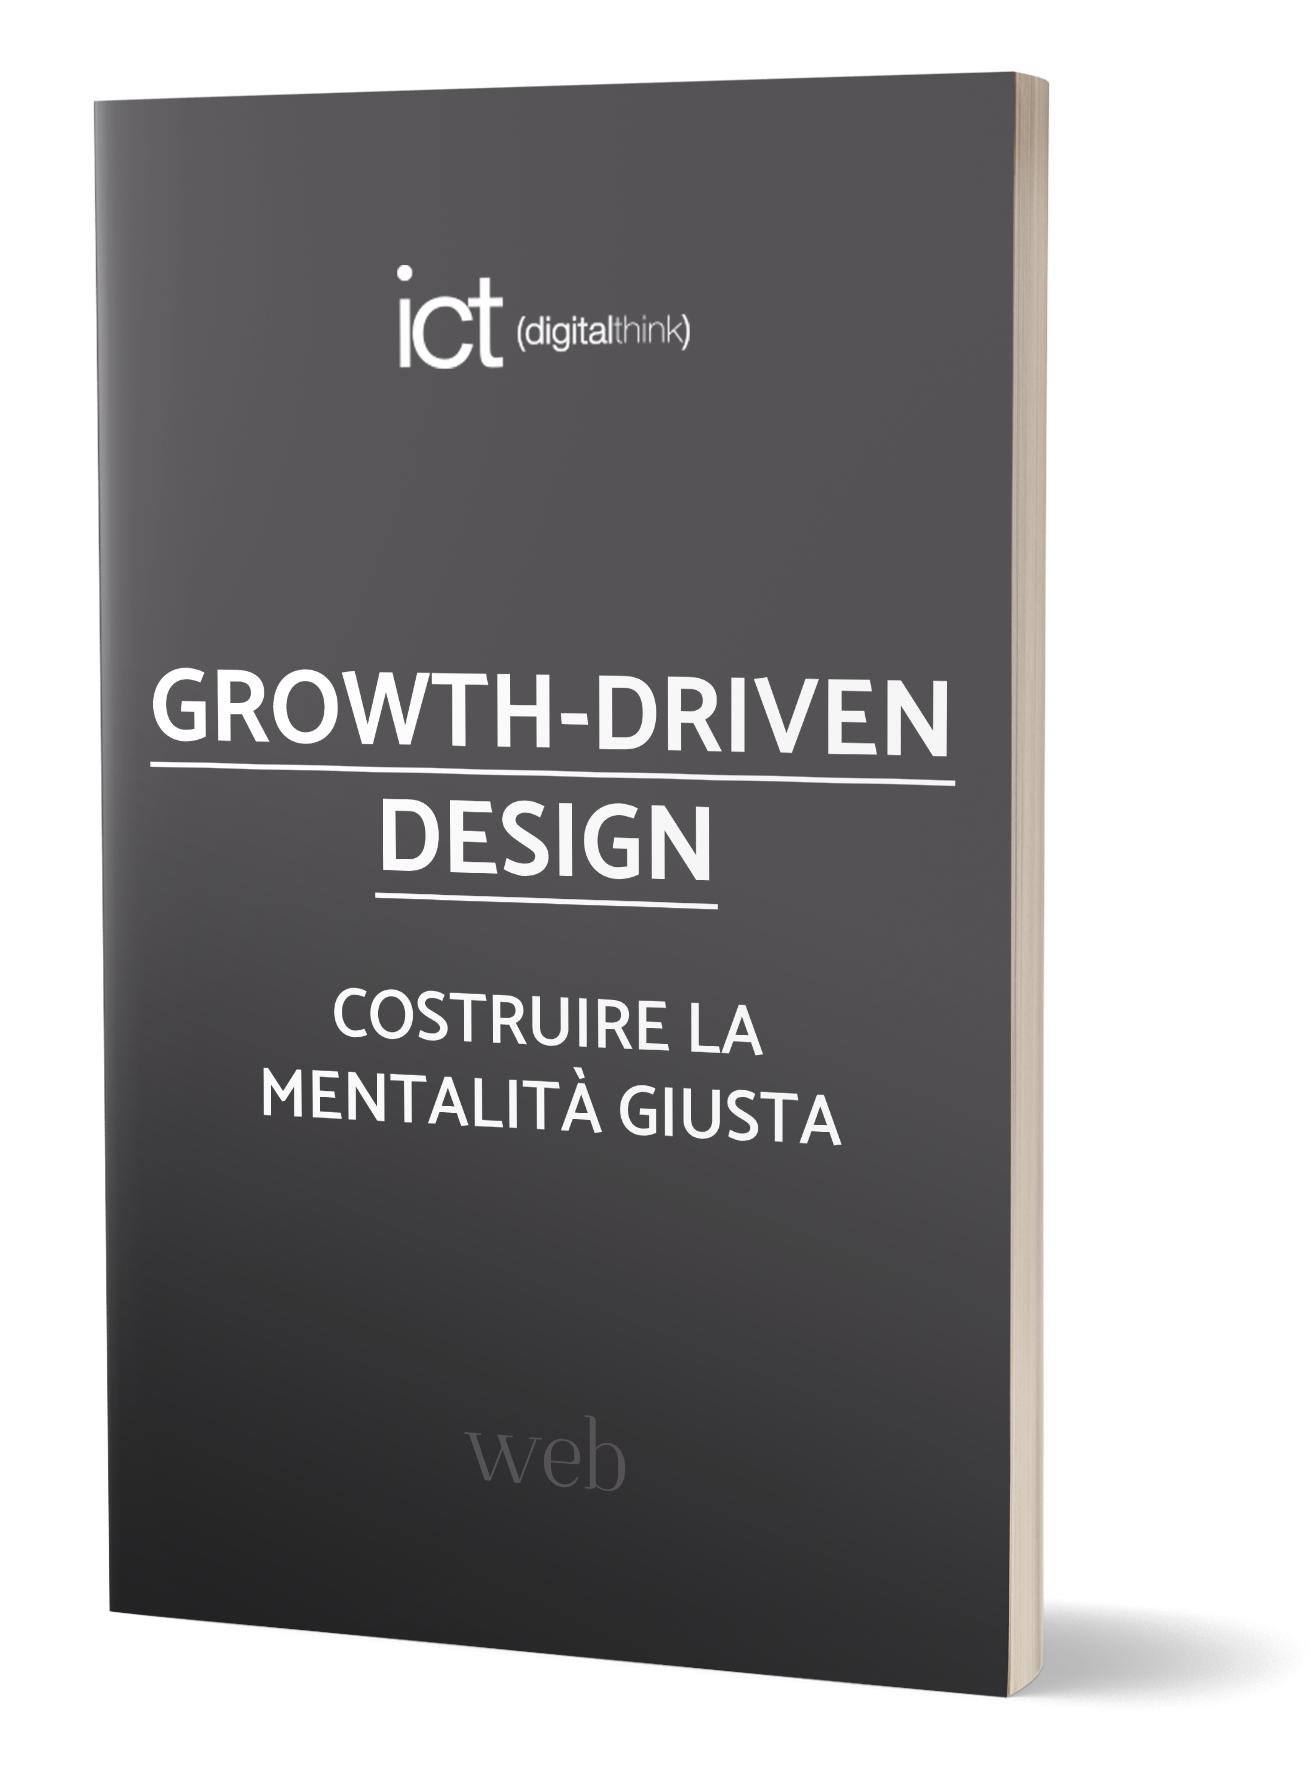 GROWTH-DRIVEN DESIGN: come costruire la mentalità giusta